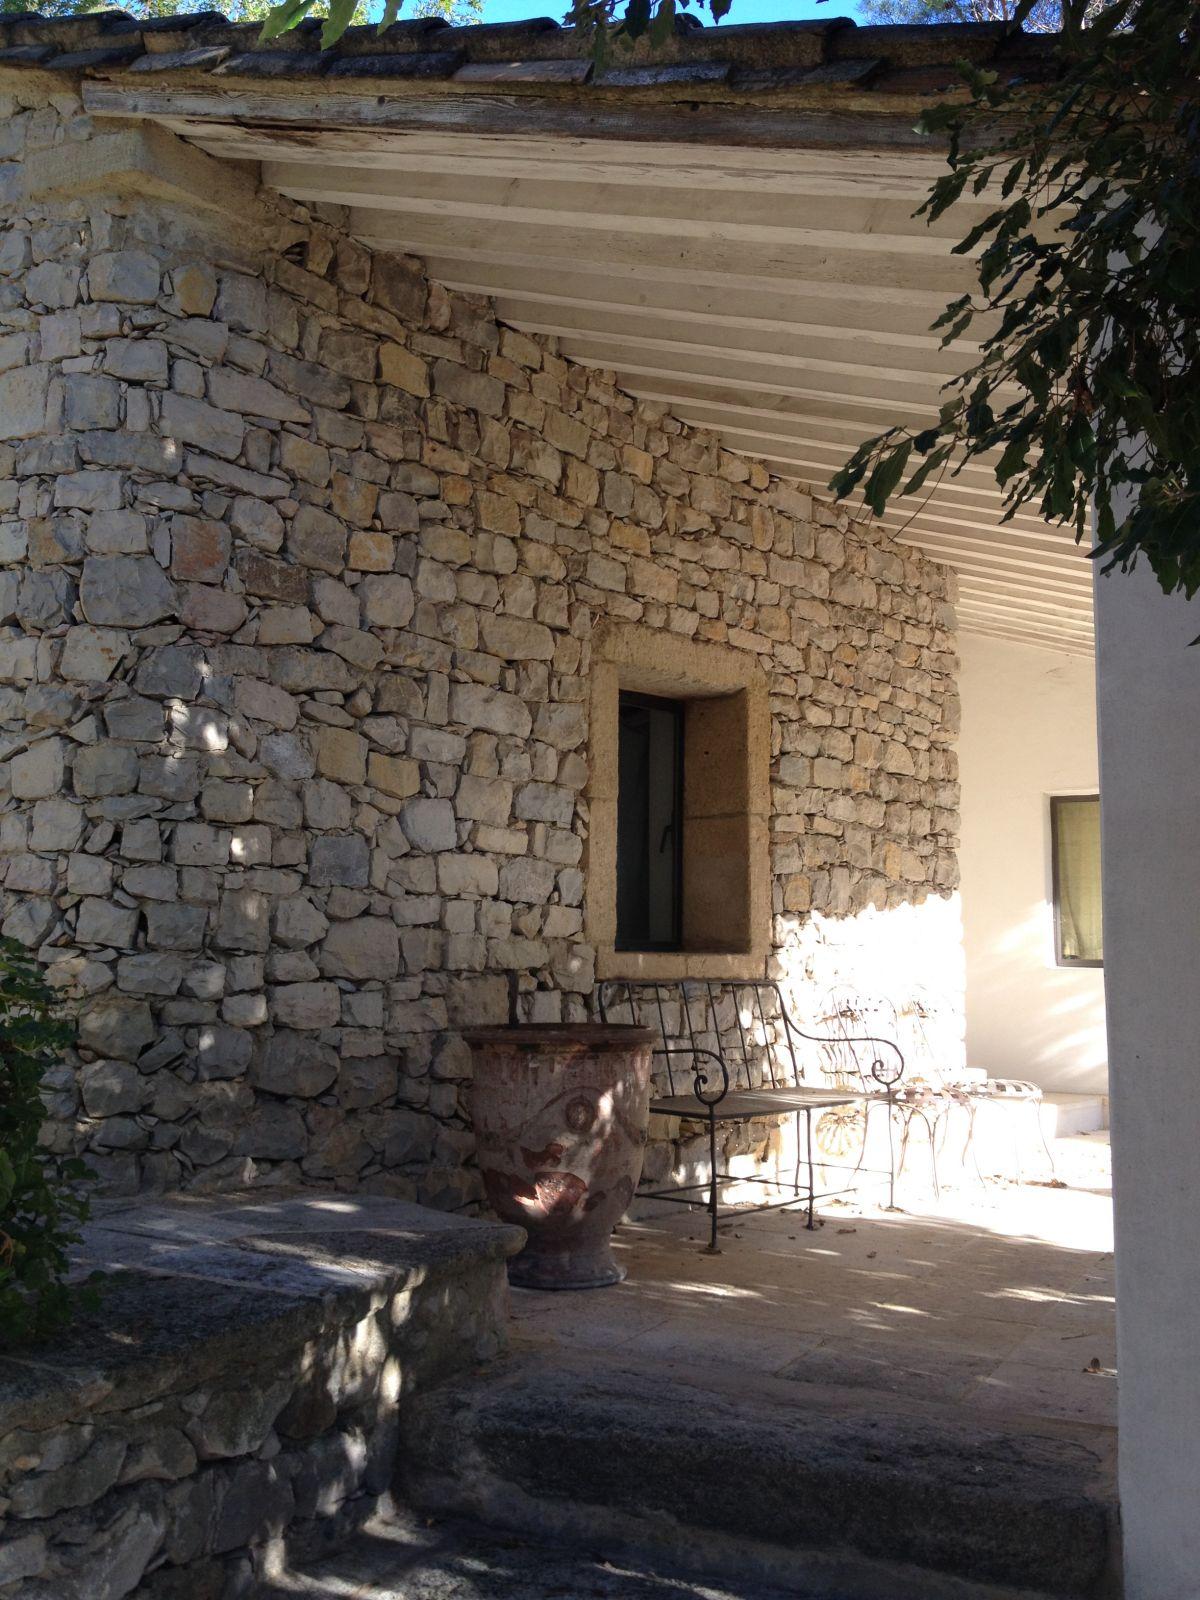 mur en pierre vielles demeures d 39 occitanie entreprise r novation situ e dans le gard. Black Bedroom Furniture Sets. Home Design Ideas